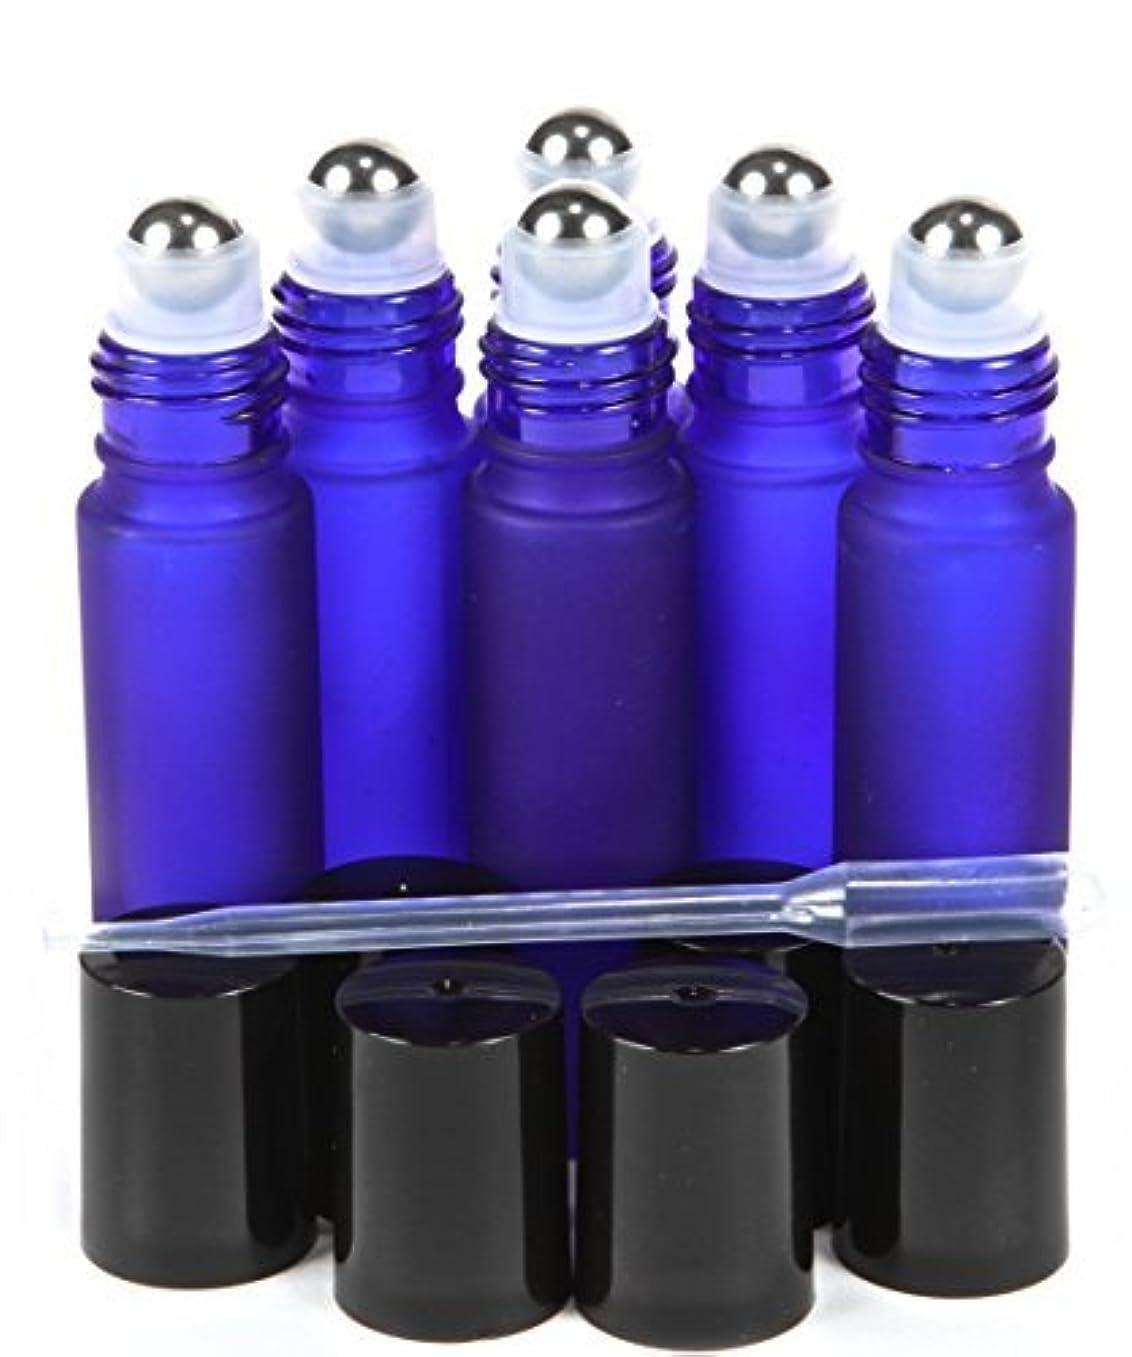 見て九用量6, Frosted, Cobalt Blue, 10 ml Glass Roll-on Bottles with Stainless Steel Roller Balls - .5 ml Dropper Included [並行輸入品]